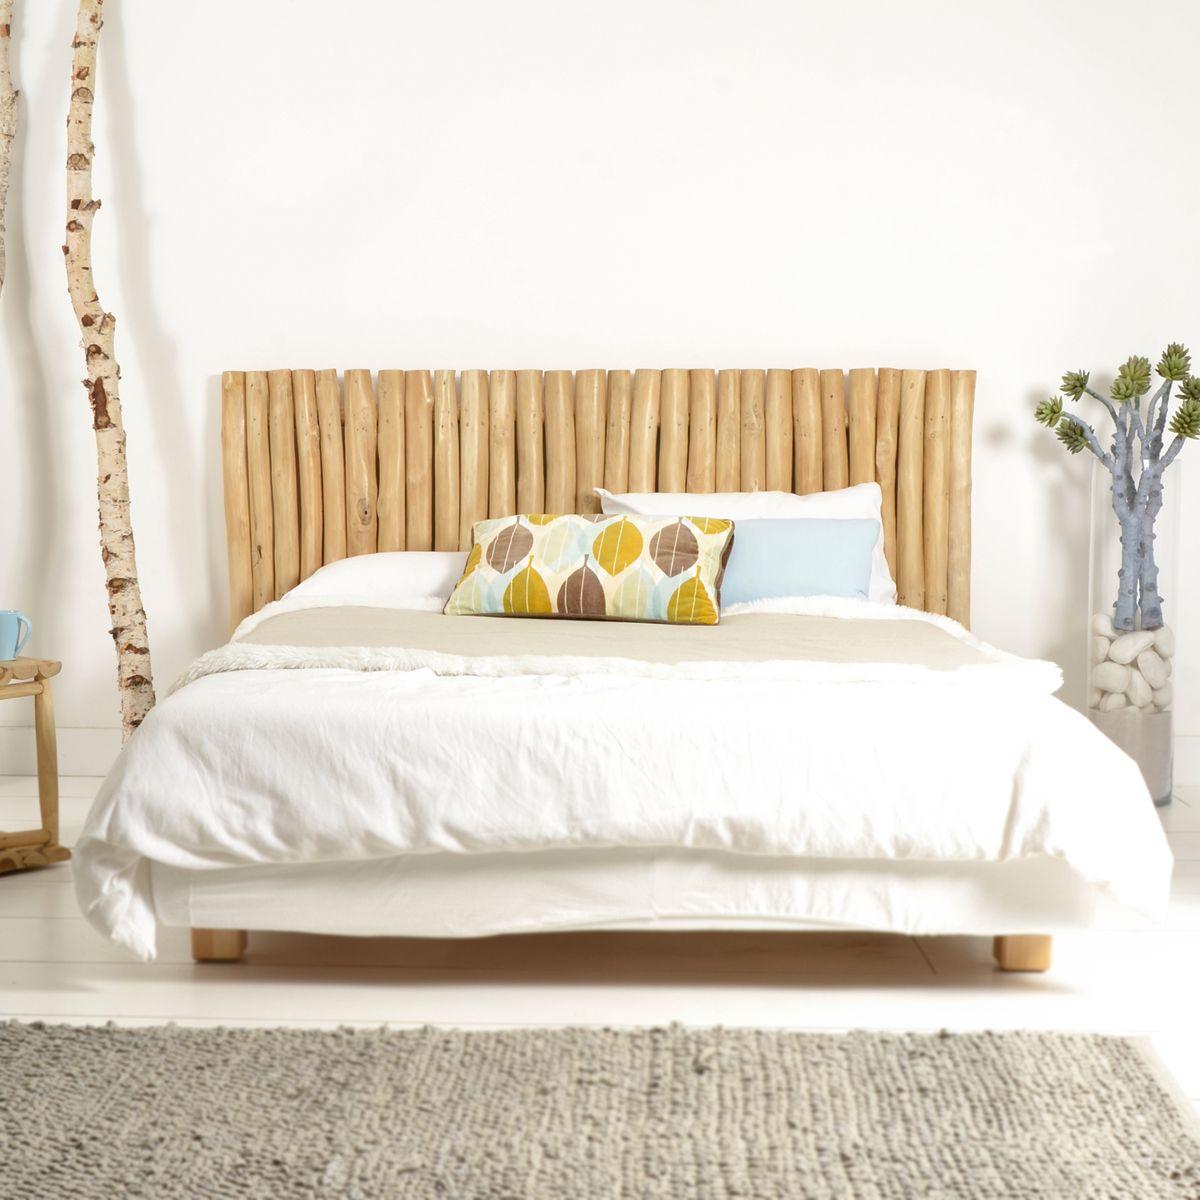 Tête de lit : pour le confort, c'est l'idéal